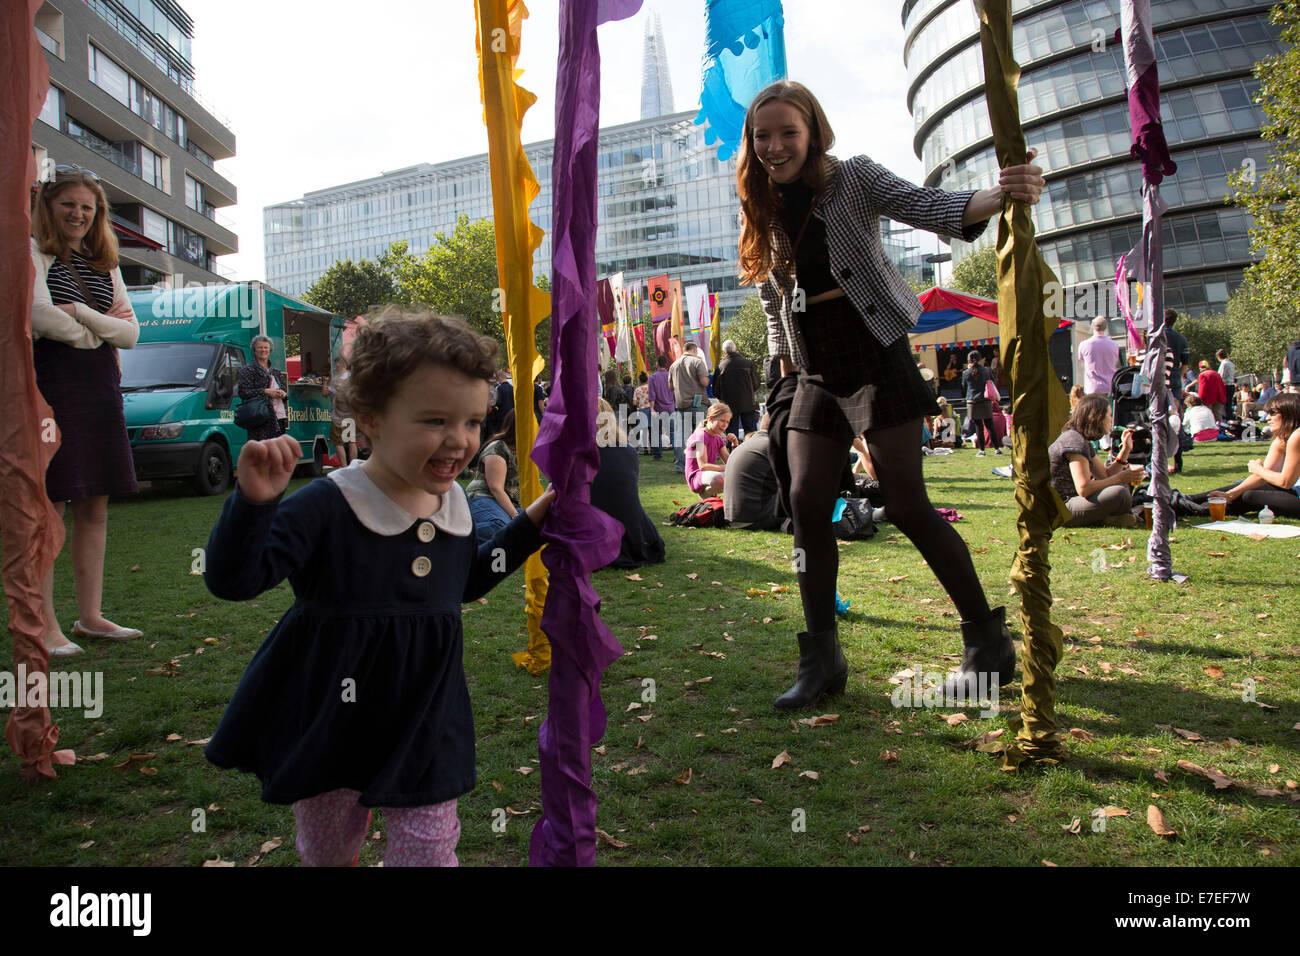 Menschen sammeln sich hängen, Bands anhören und andere Aktivitäten im Blue Ribbon Village. Thames Stockbild